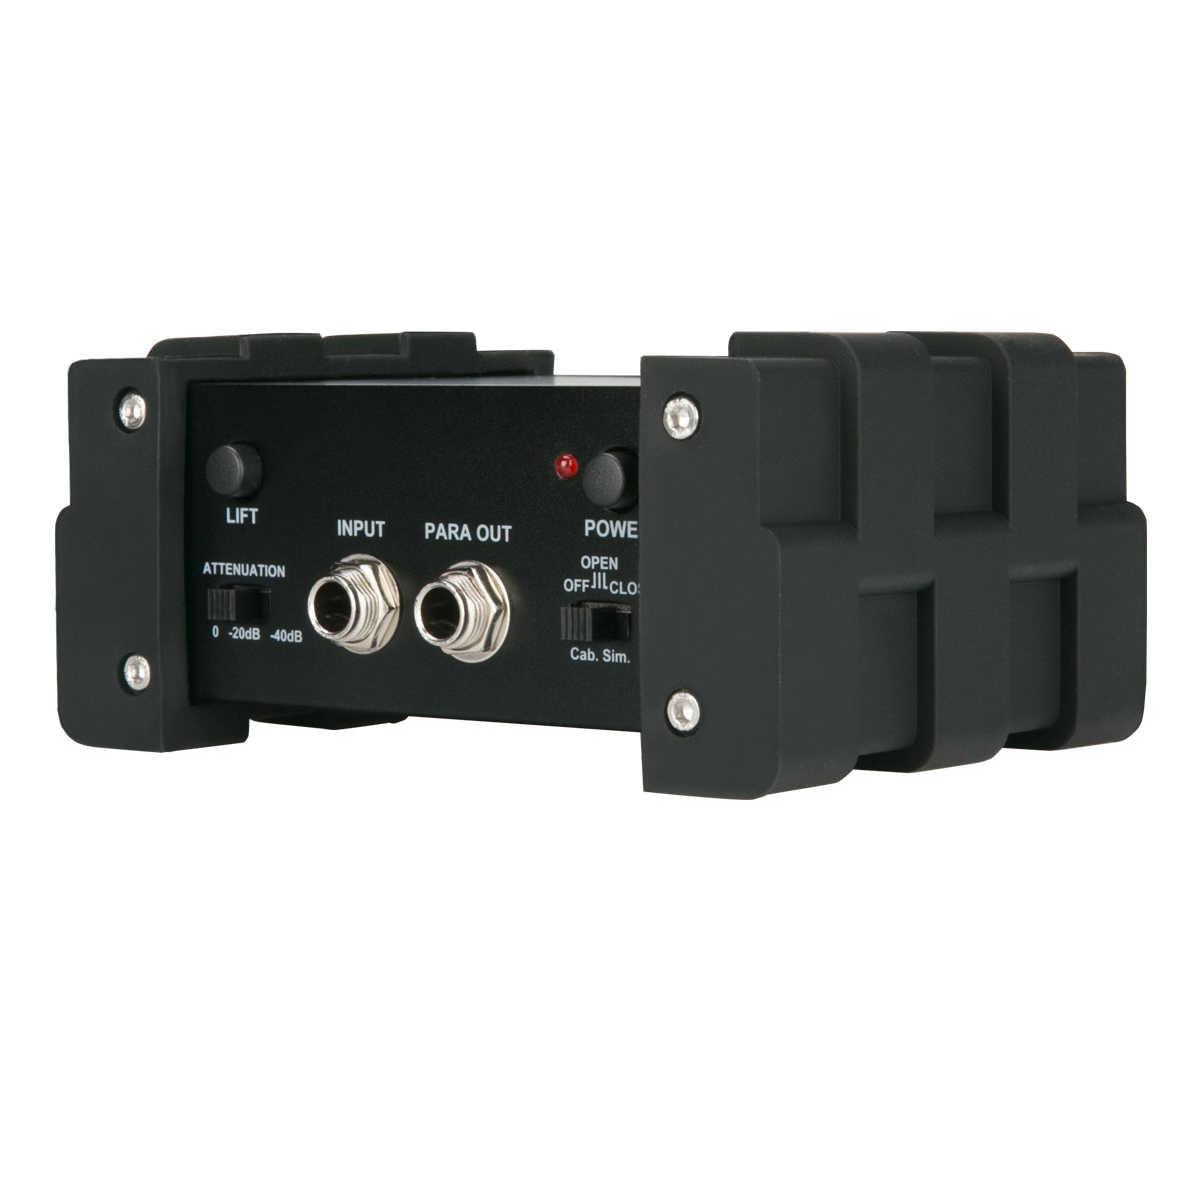 Caixa de Guitarra NUX PDI-1G DI Injeção Direta Caixa de Alimentação Fantasma De Mixer De Áudio Para Fora Do Solo Elevador Design Compacto